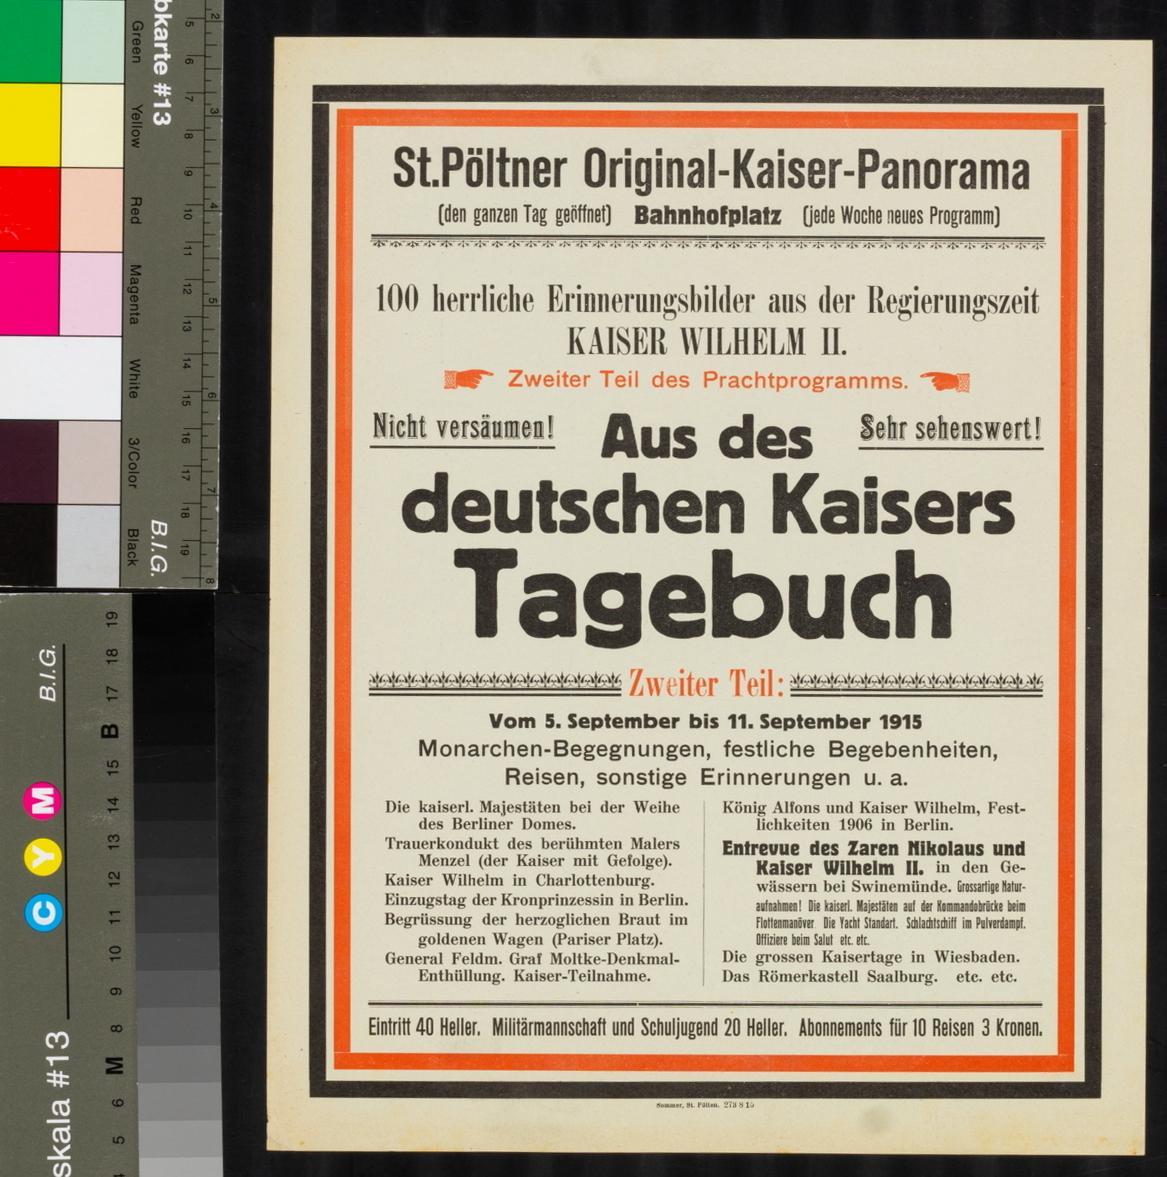 Programmankündigung, St. Pöltner Original-Kaiser-Panorama, 100 Erinnerungsbilder aus der Zeit Kaiser Wilhelms I., 5. - 11. September 1915, St. Pölten, Bahnhofsplatz